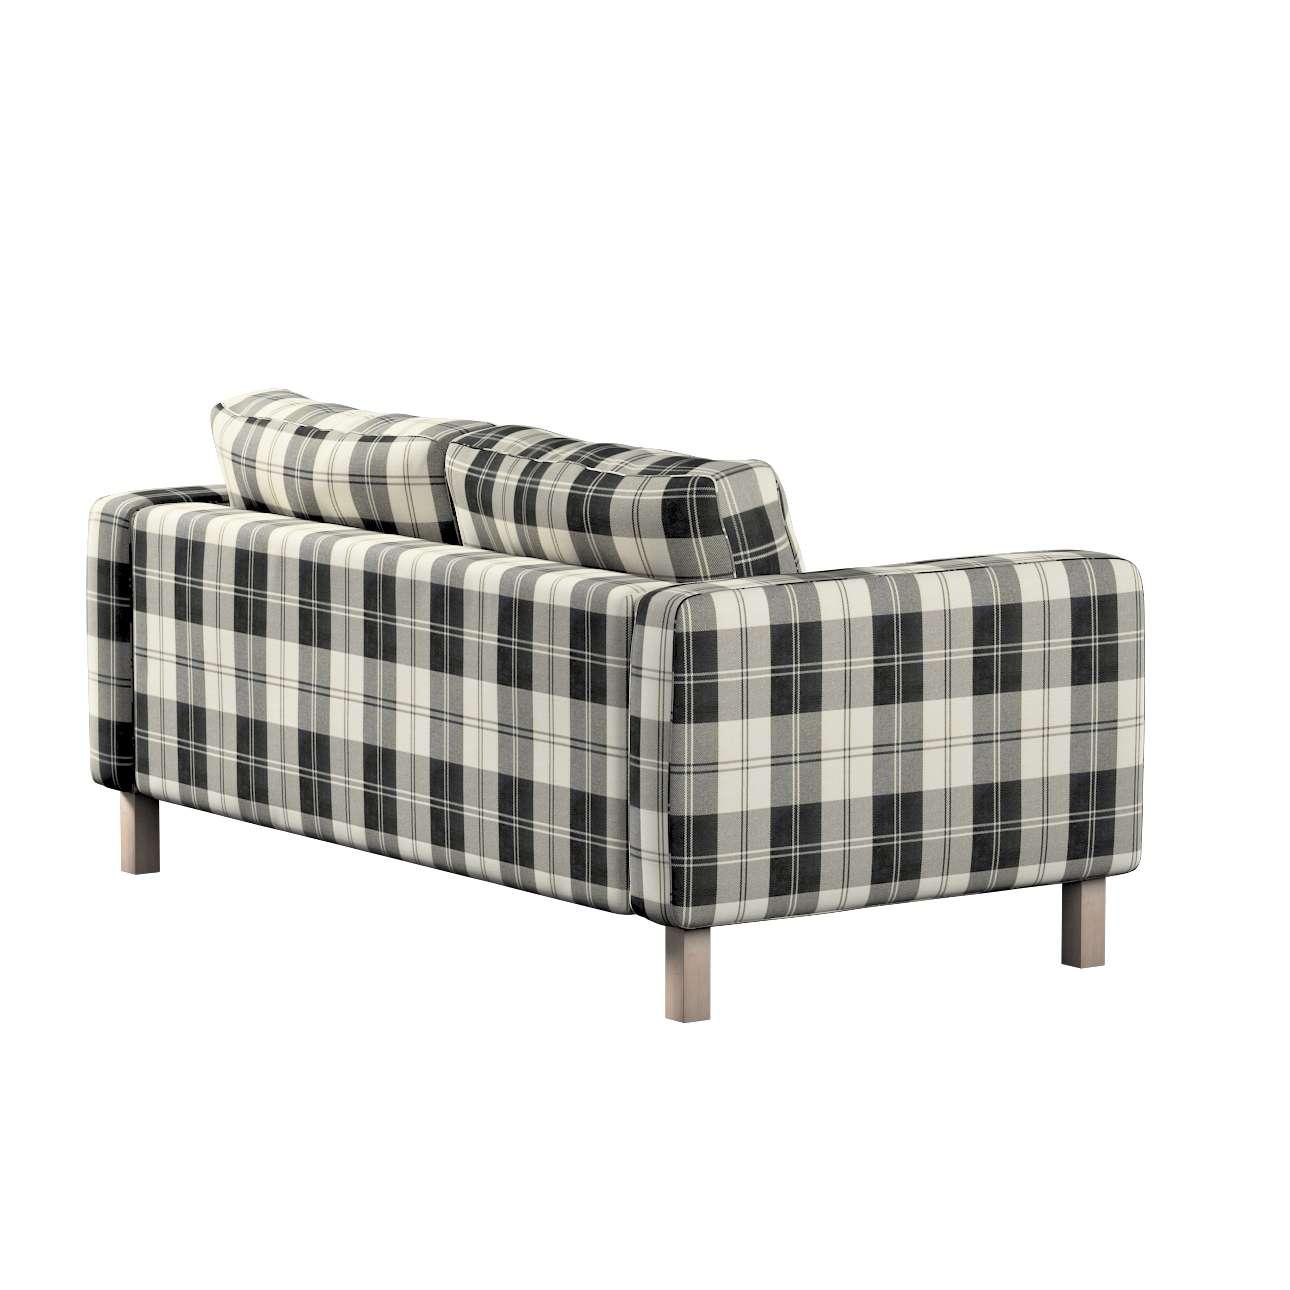 Potah na pohovku IKEA  Karlstad 2-místná, nerozkládací, krátký v kolekci Edinburgh, látka: 115-74